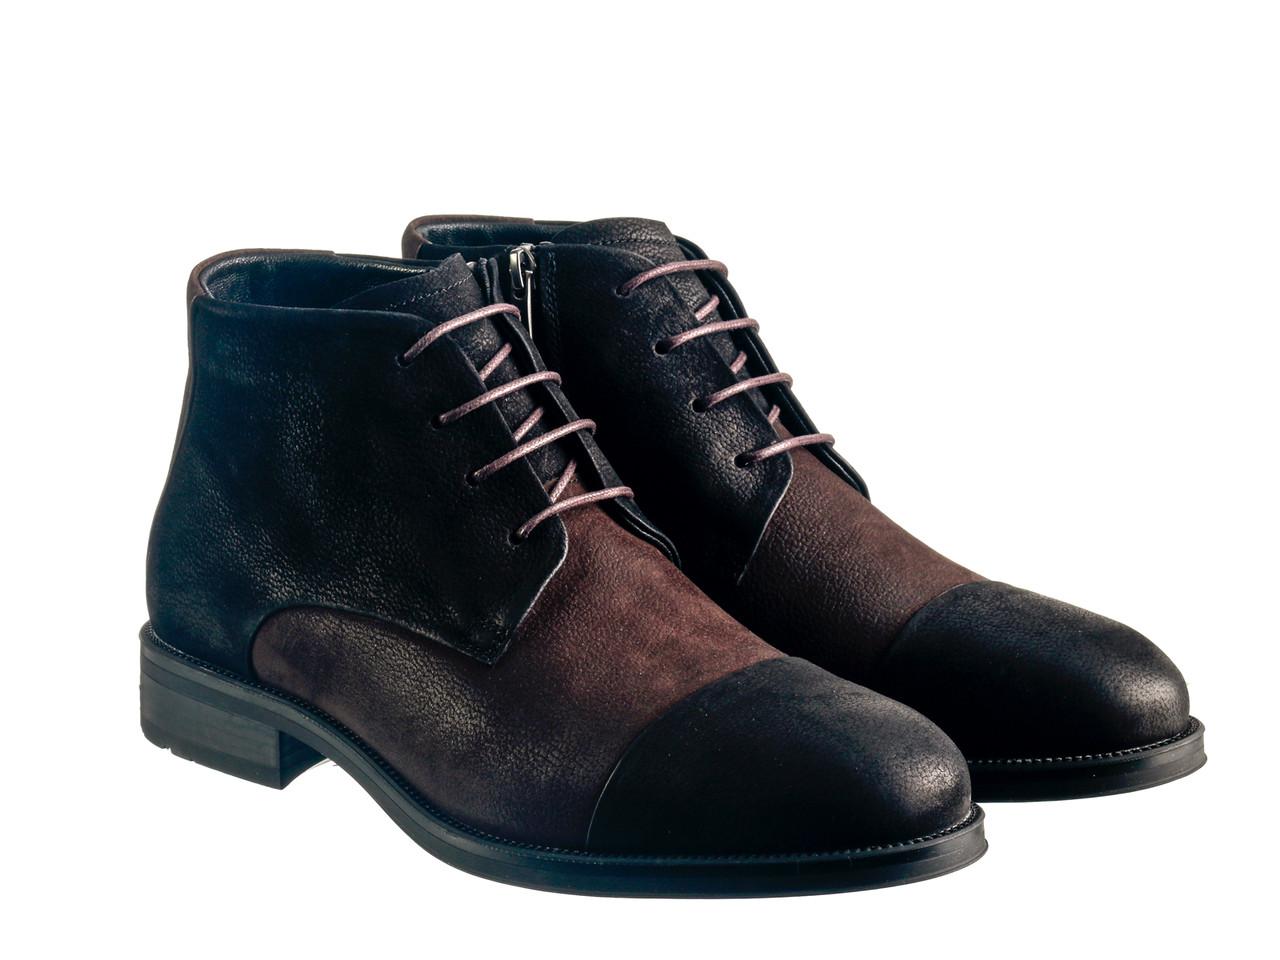 Черевики Etor 15871-10081 чорно-коричневий